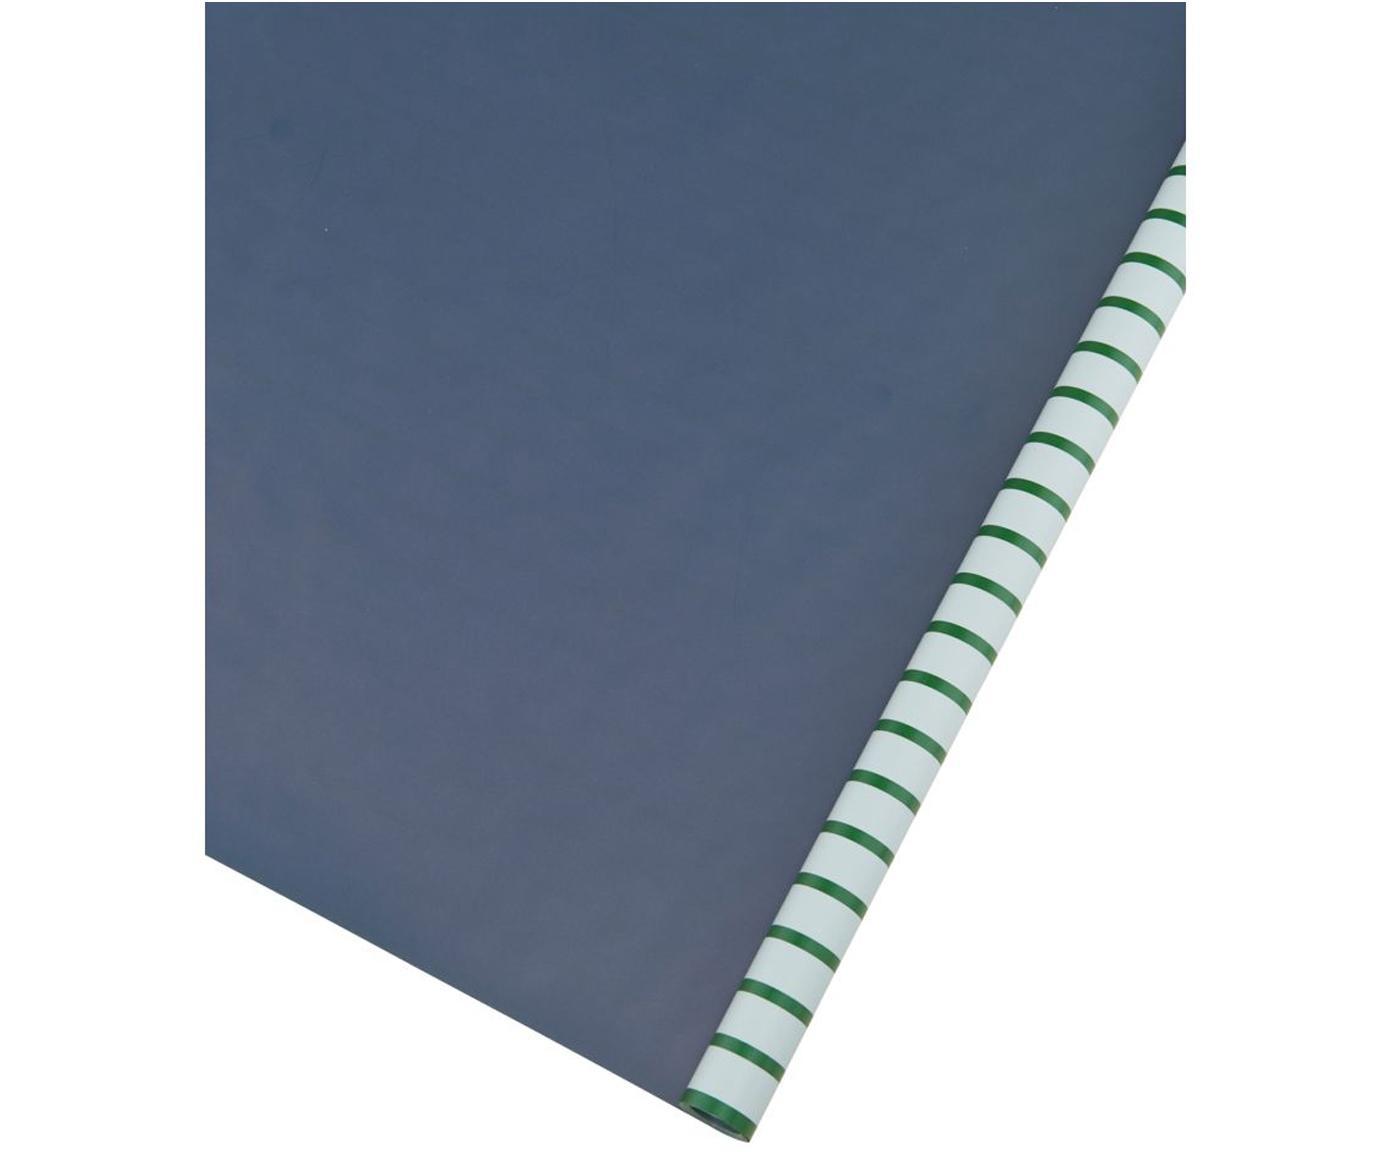 Papel de regalo Stripey, Papel, Verde, azul claro, azul oscuro, An 50 x L 70 cm